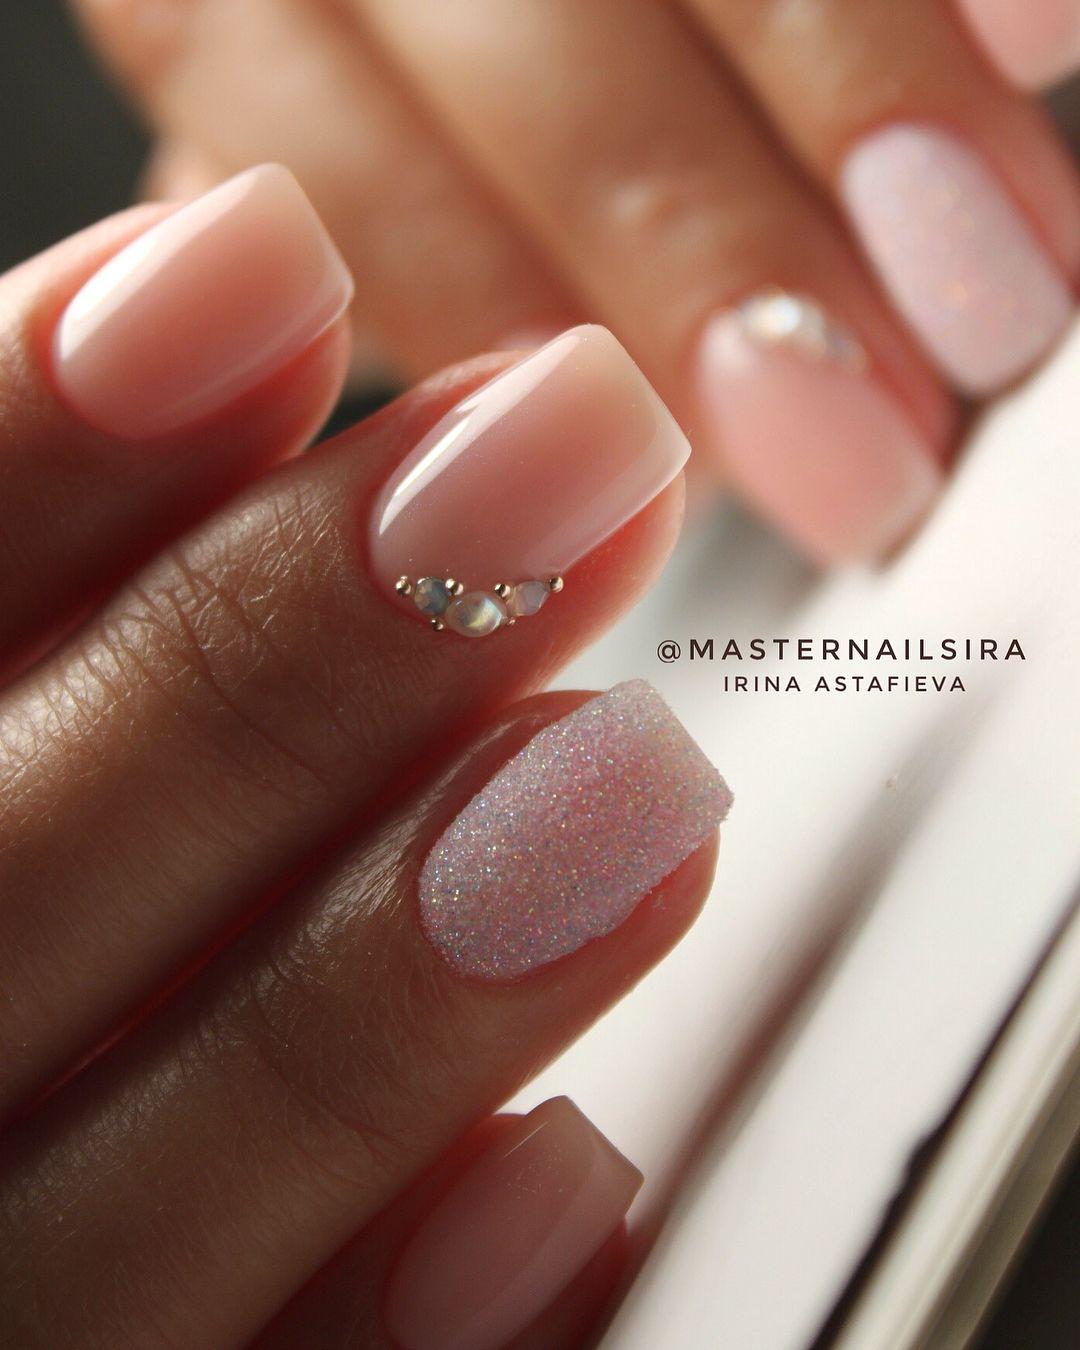 Pretty nail inspiraition